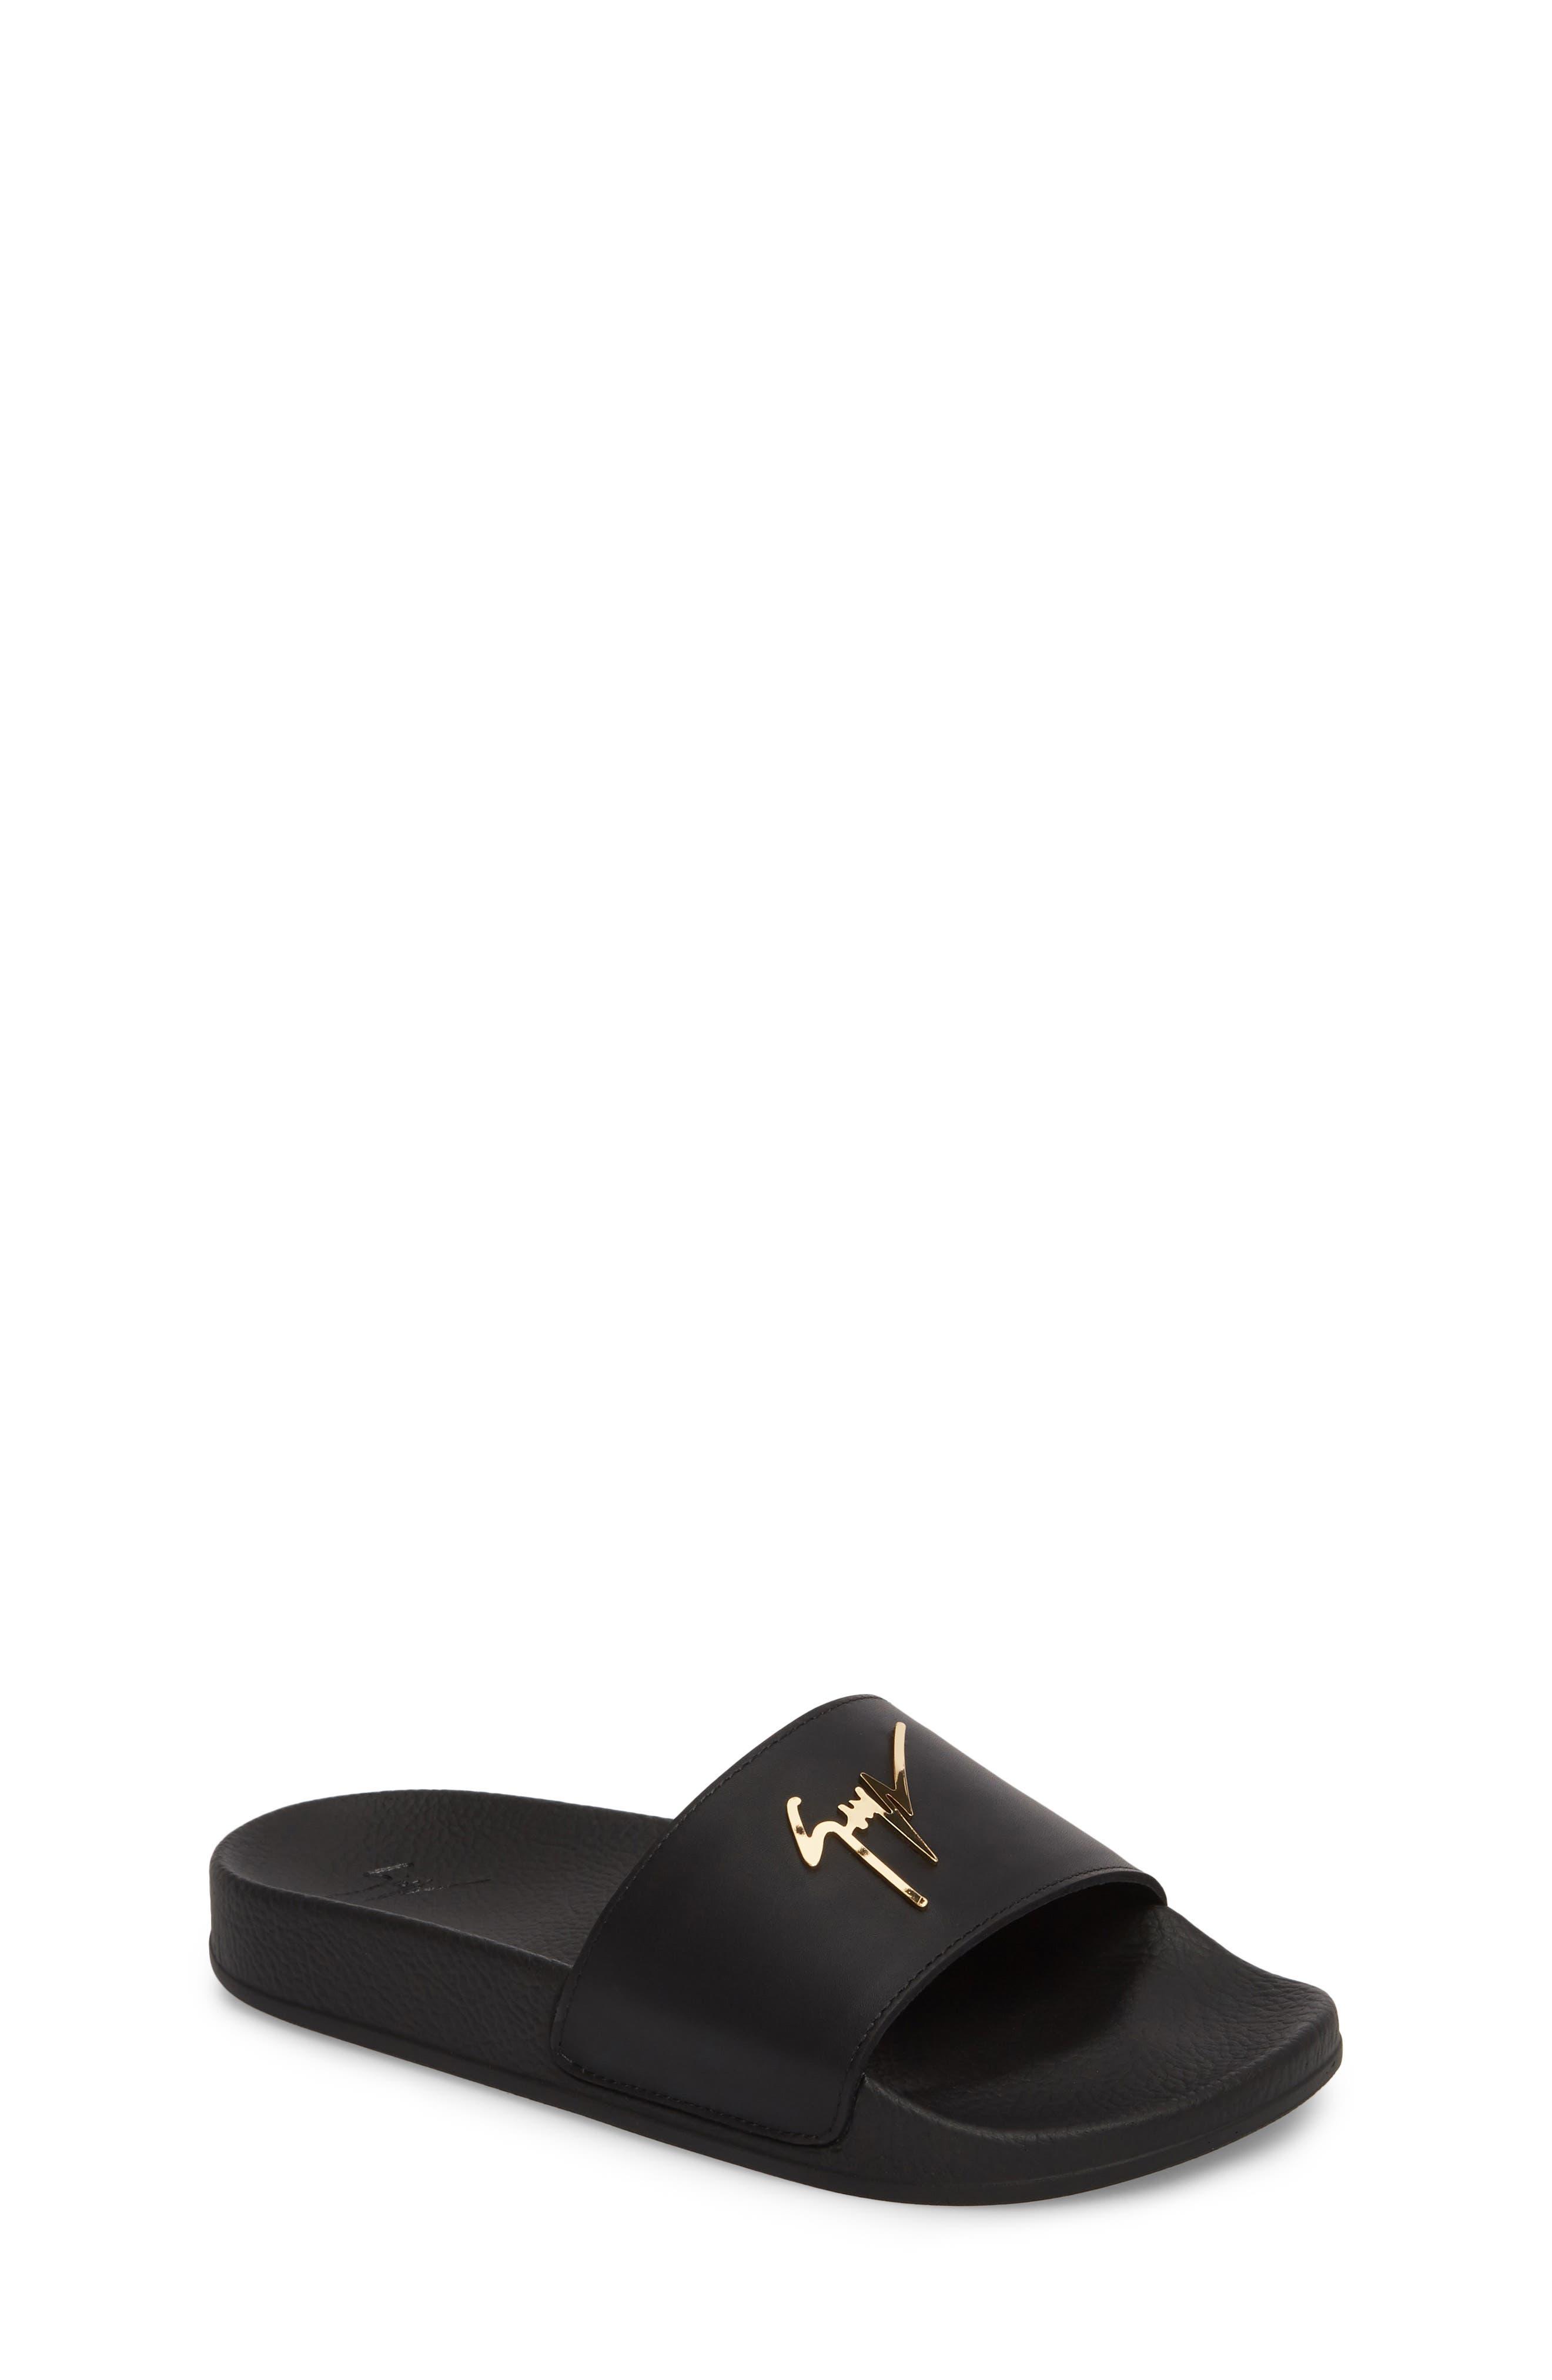 Birel Slide Sandal,                         Main,                         color, Black Leather